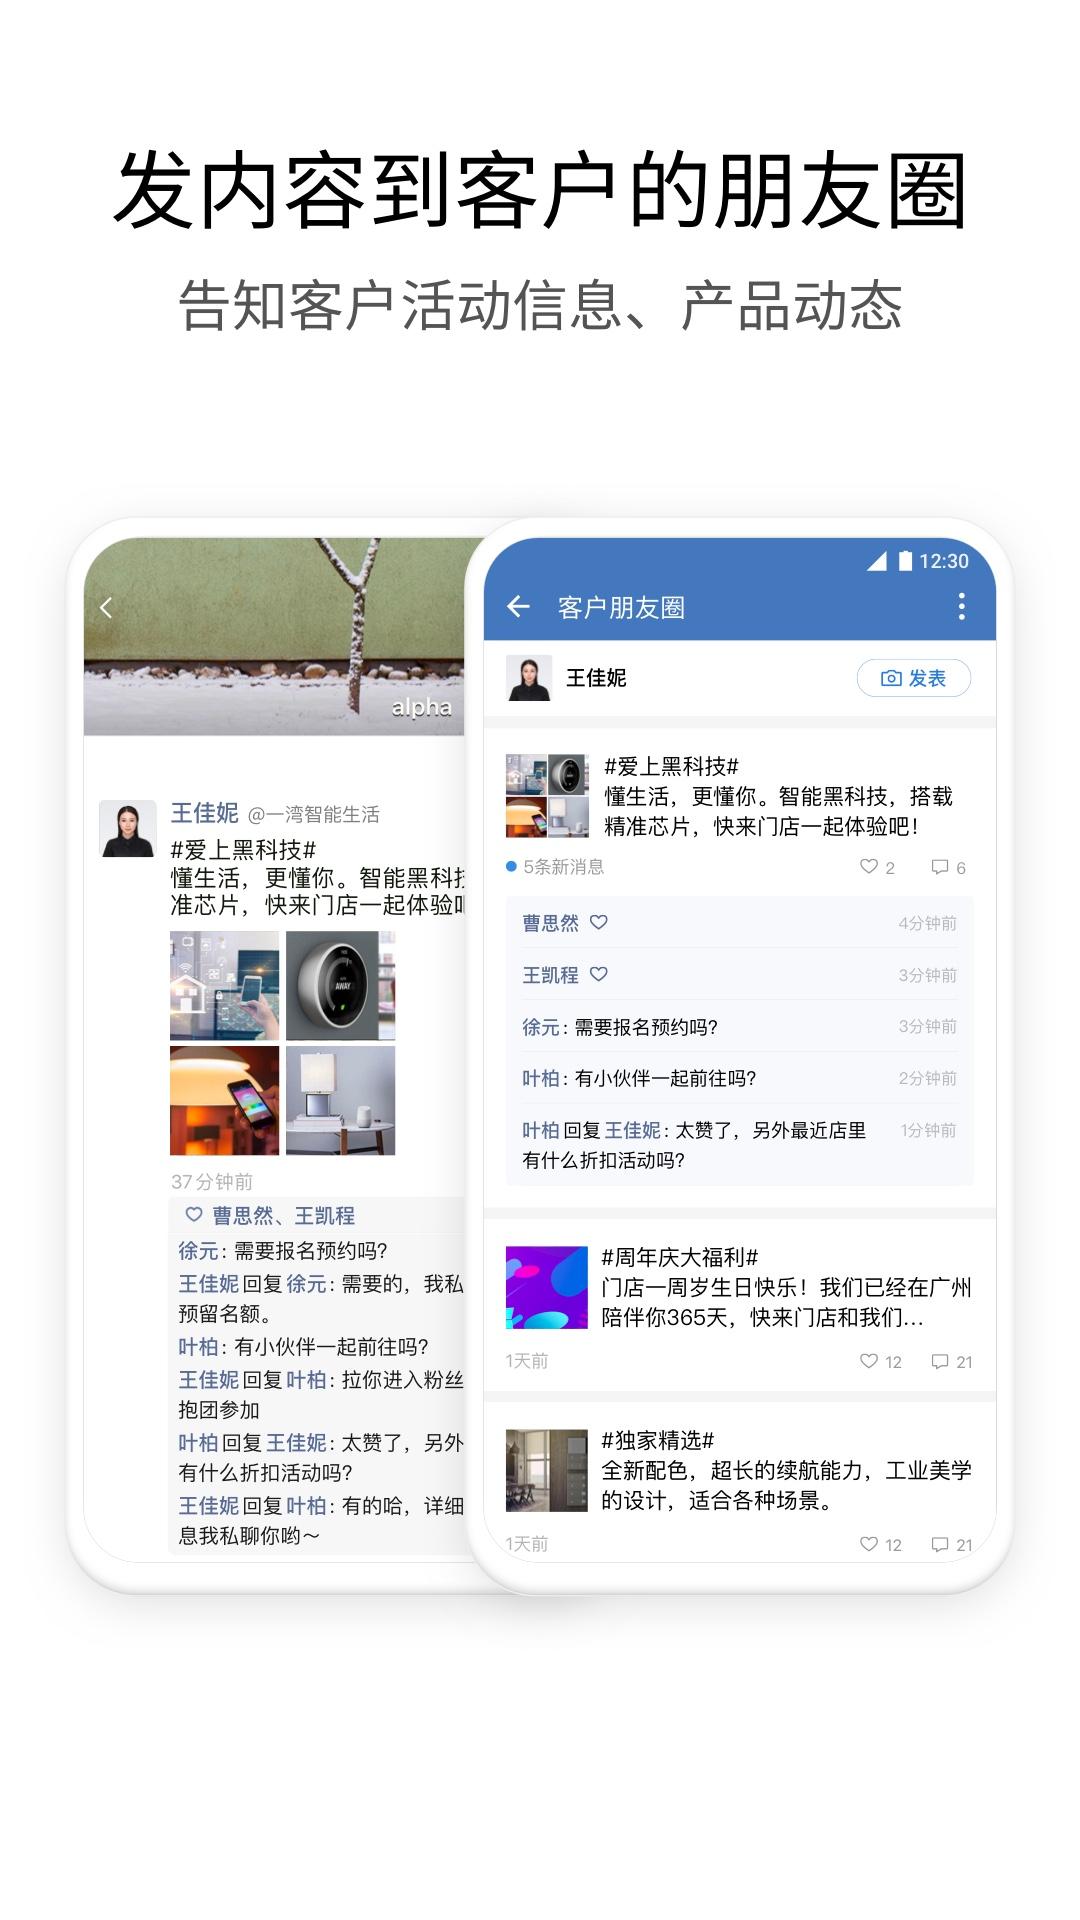 企业微信下载-微信企业App-企业微信安卓版/苹果版/电脑版-飞翔软件企业微信下载